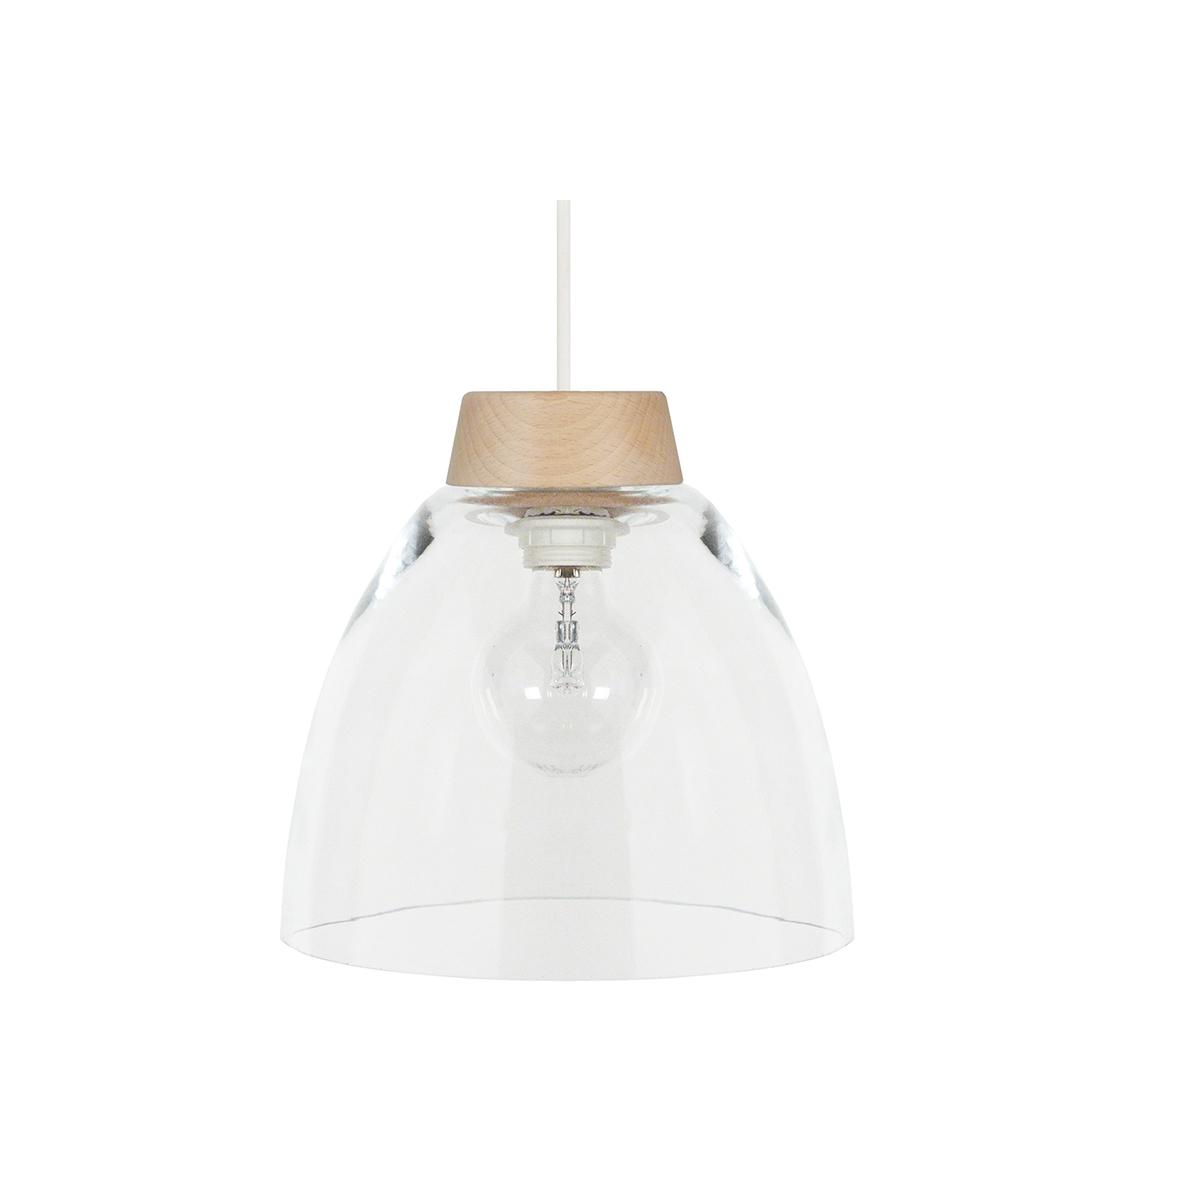 Lampadario design in legno e vetro BORA